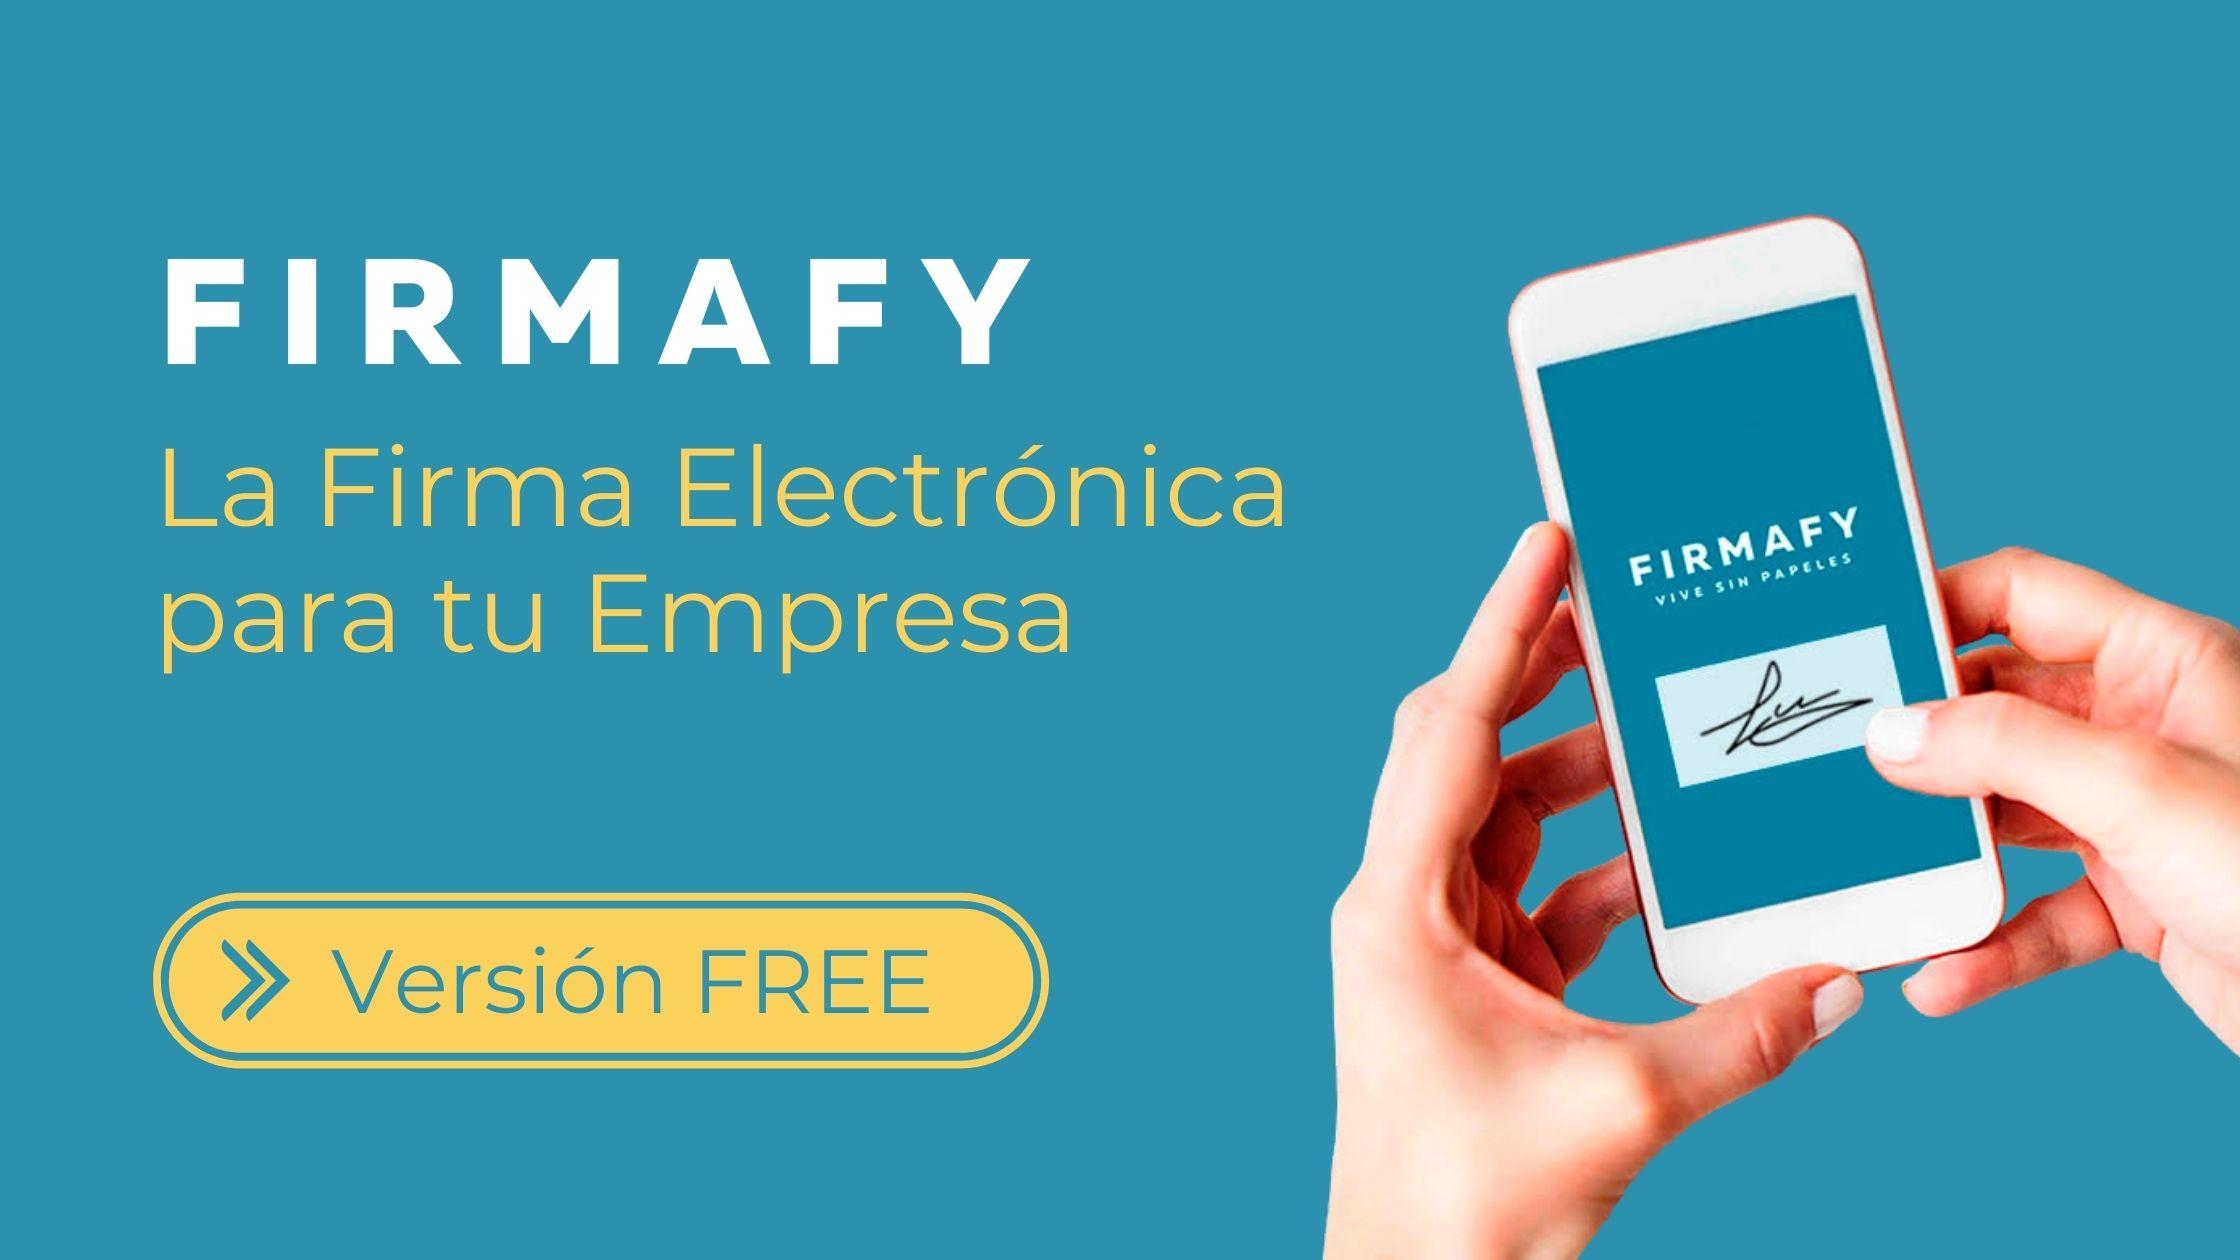 La firma electrónica para tu empresa